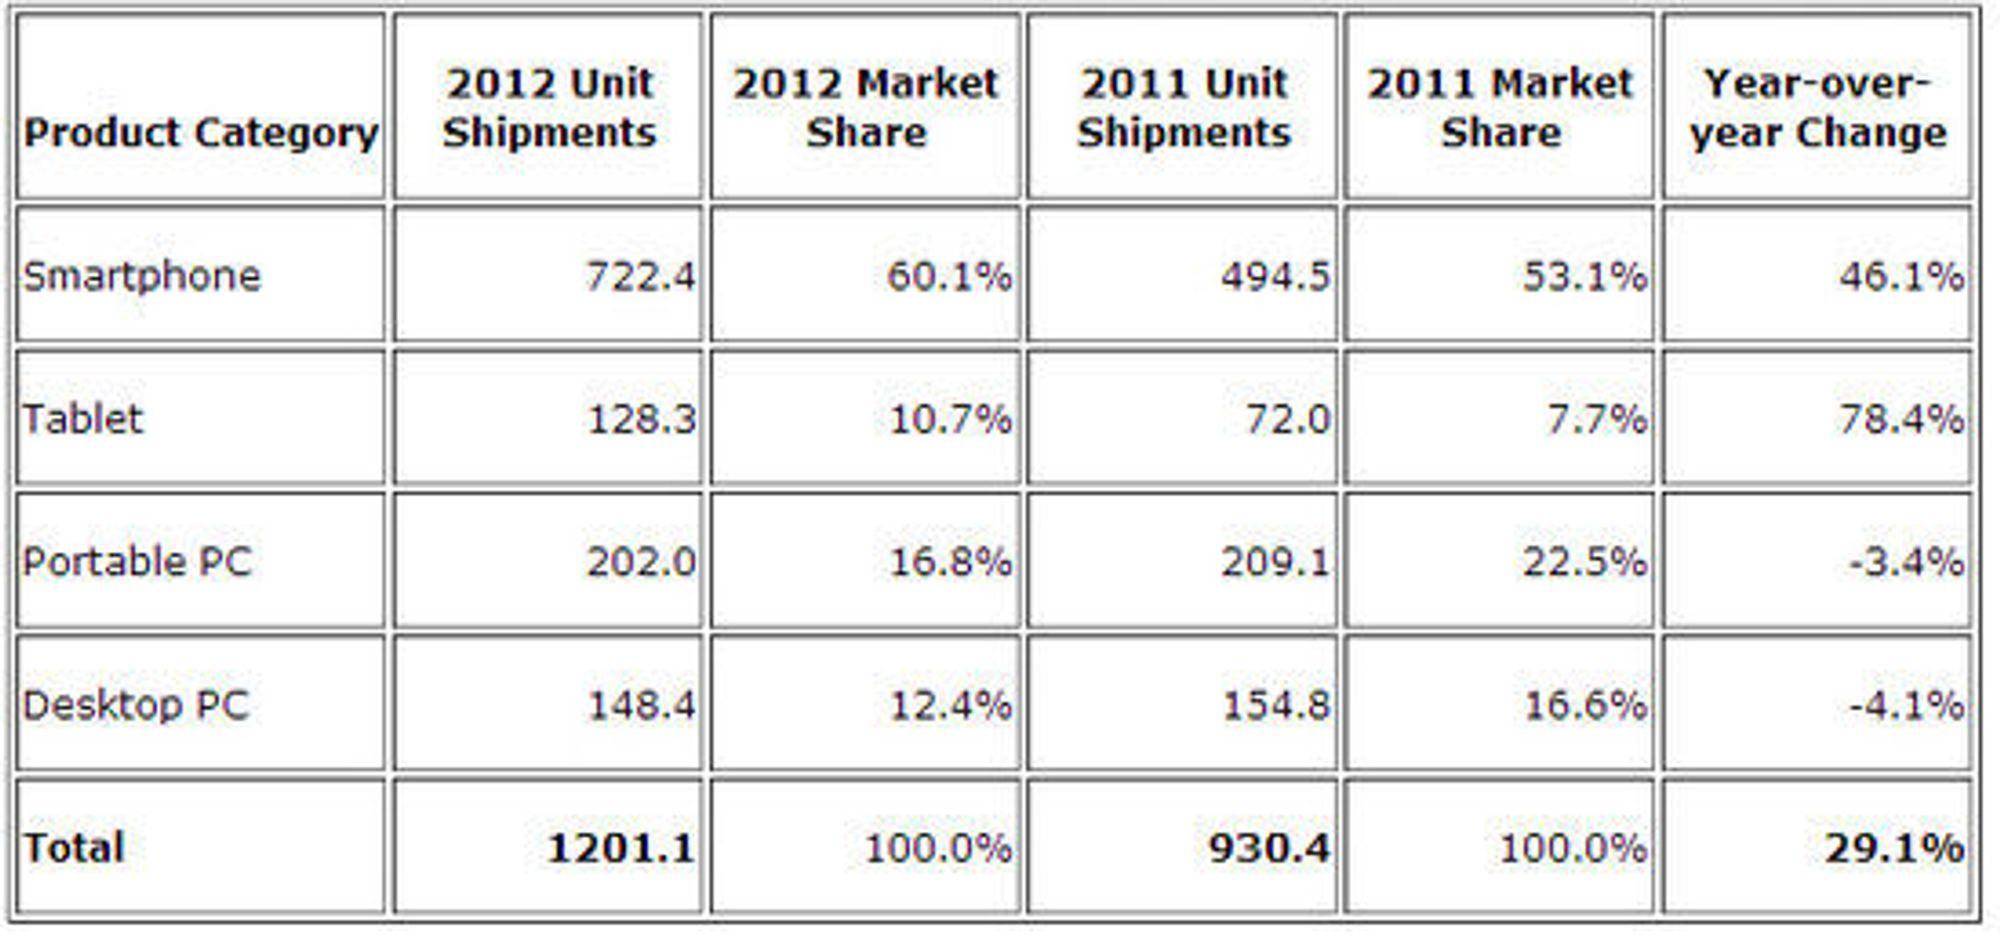 Salgstall for produktkategoriene smartmobil, nettbrett og pc i 2012, sammenlignet med 2011. Tallene er oppgitt i millioner enheter.